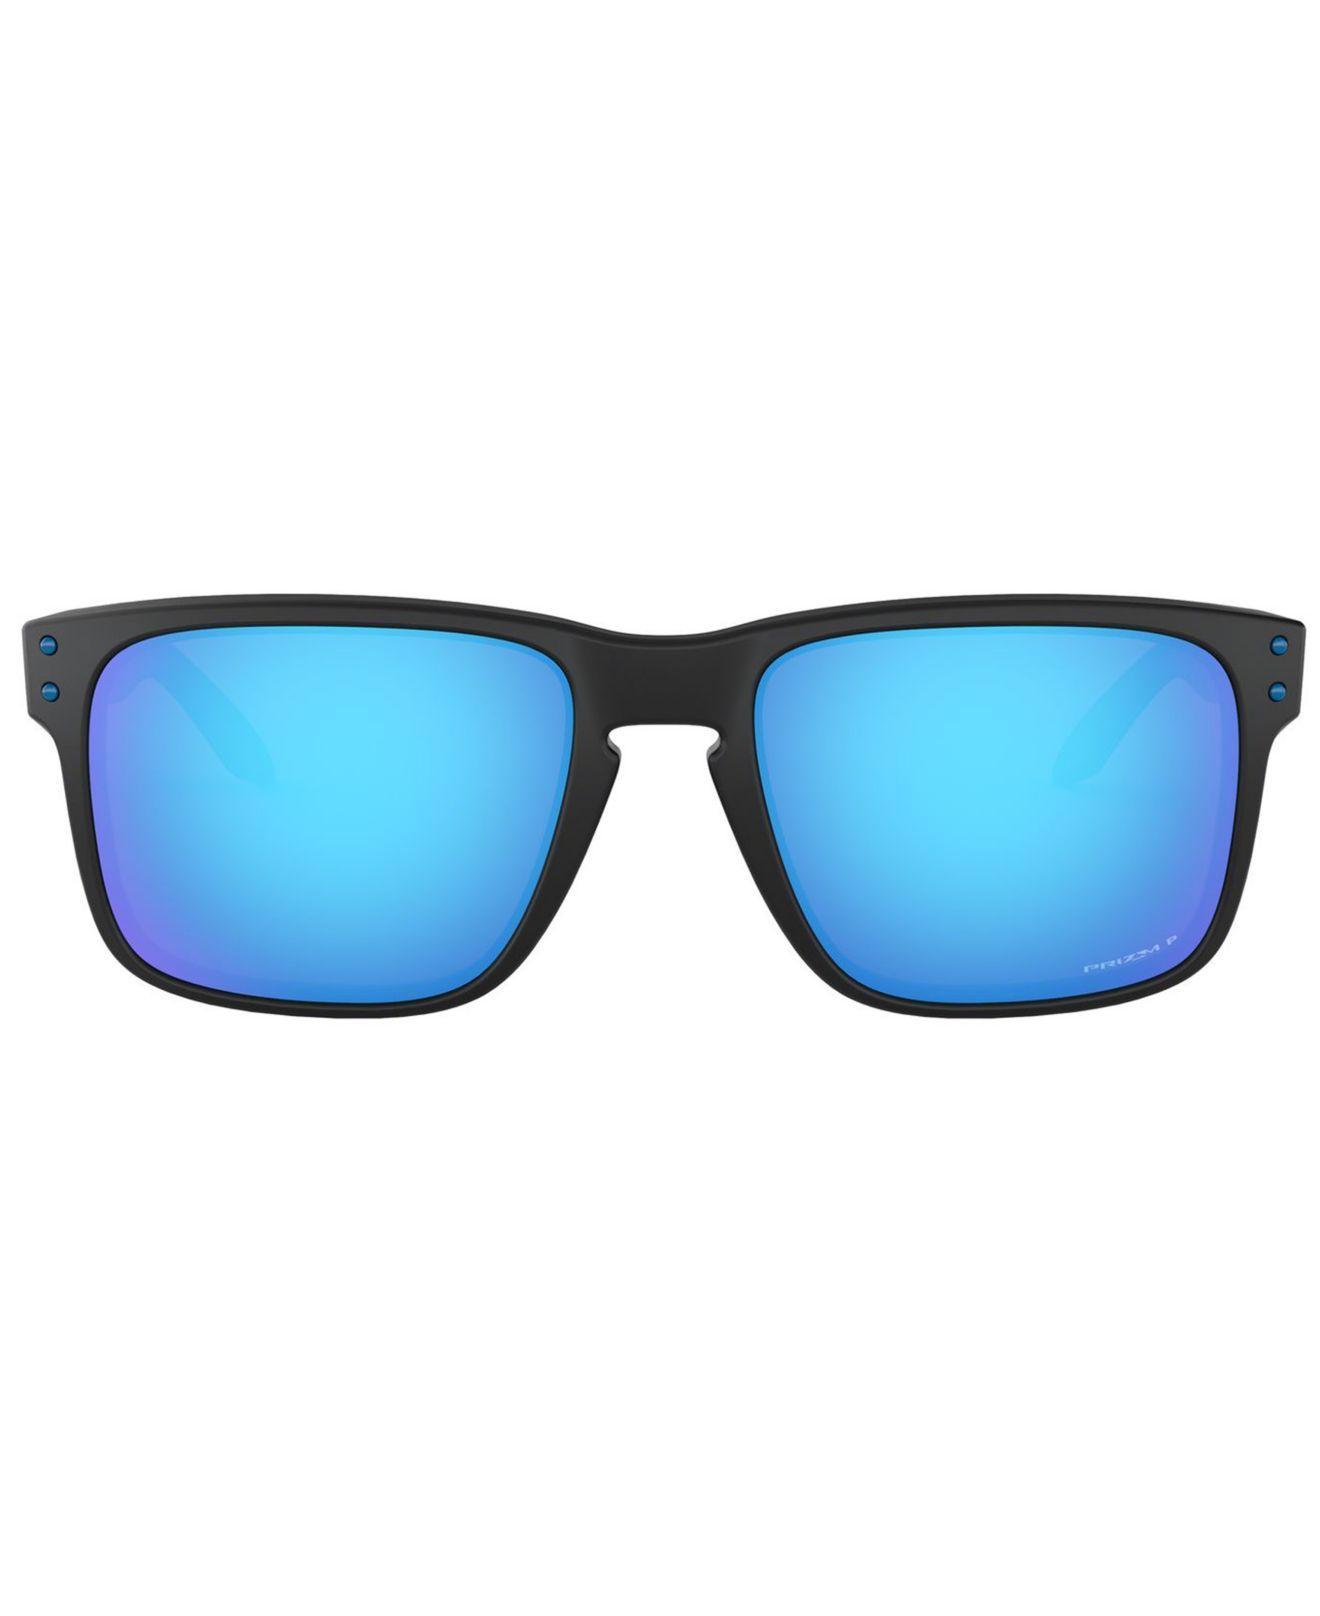 e8f8eb11c9 Lyst - Oakley Polarized Sunglasses